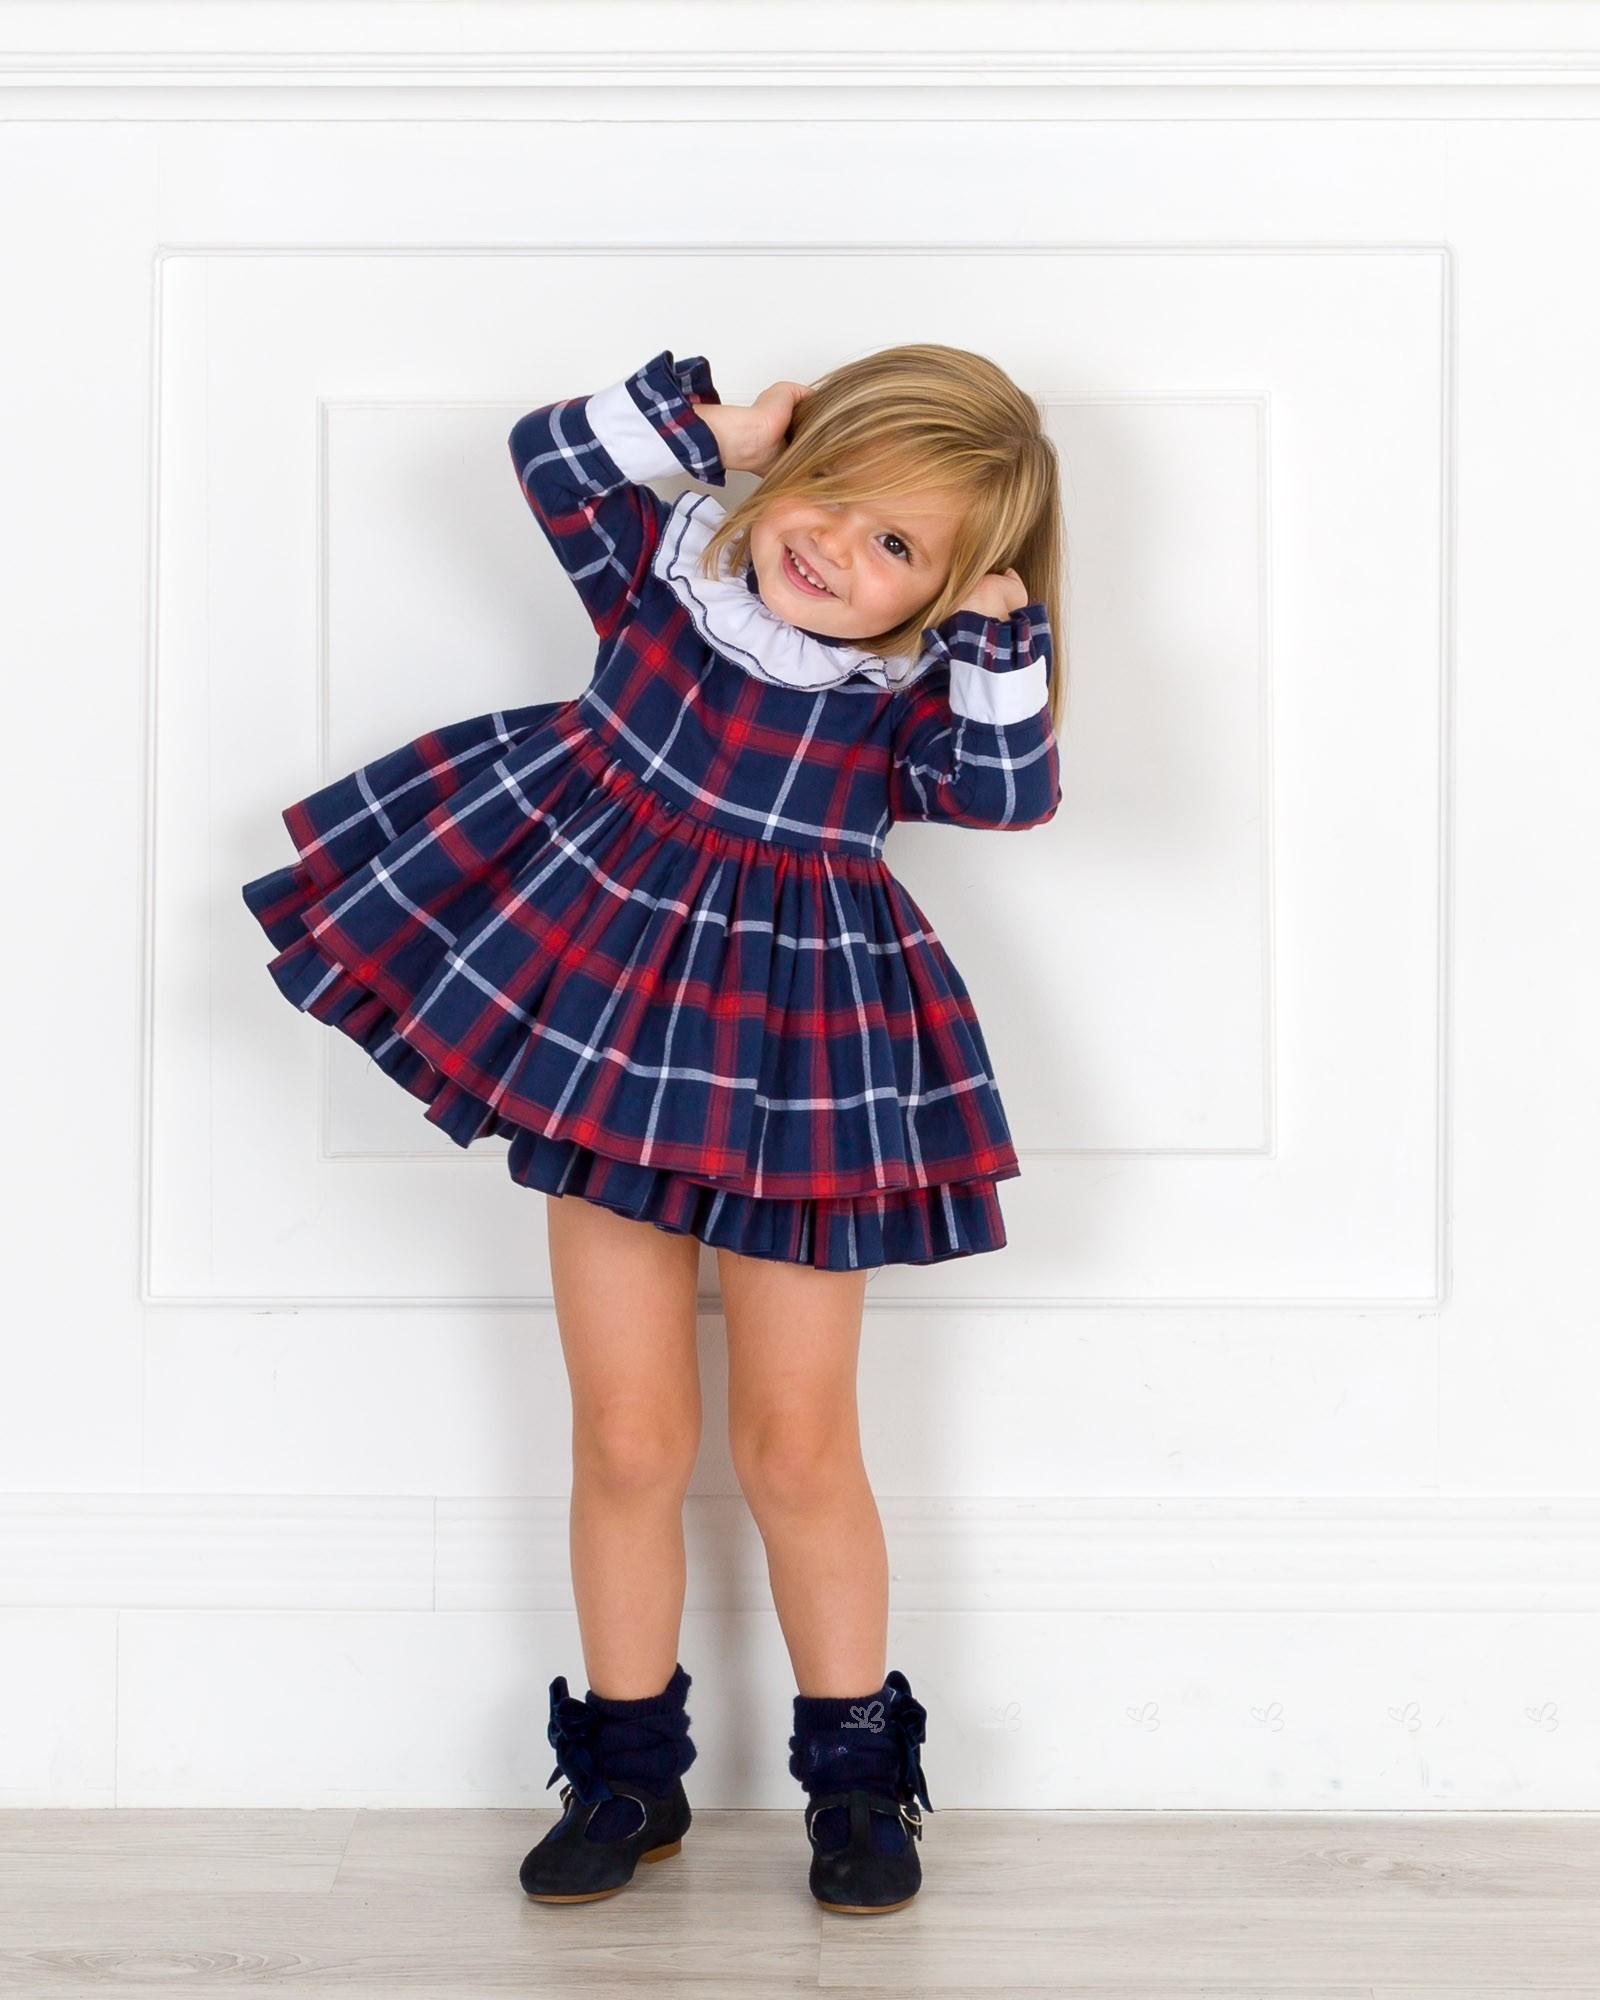 cc825810f9 Outfit Niña Vestido Cuadros Azul   Rojo ...